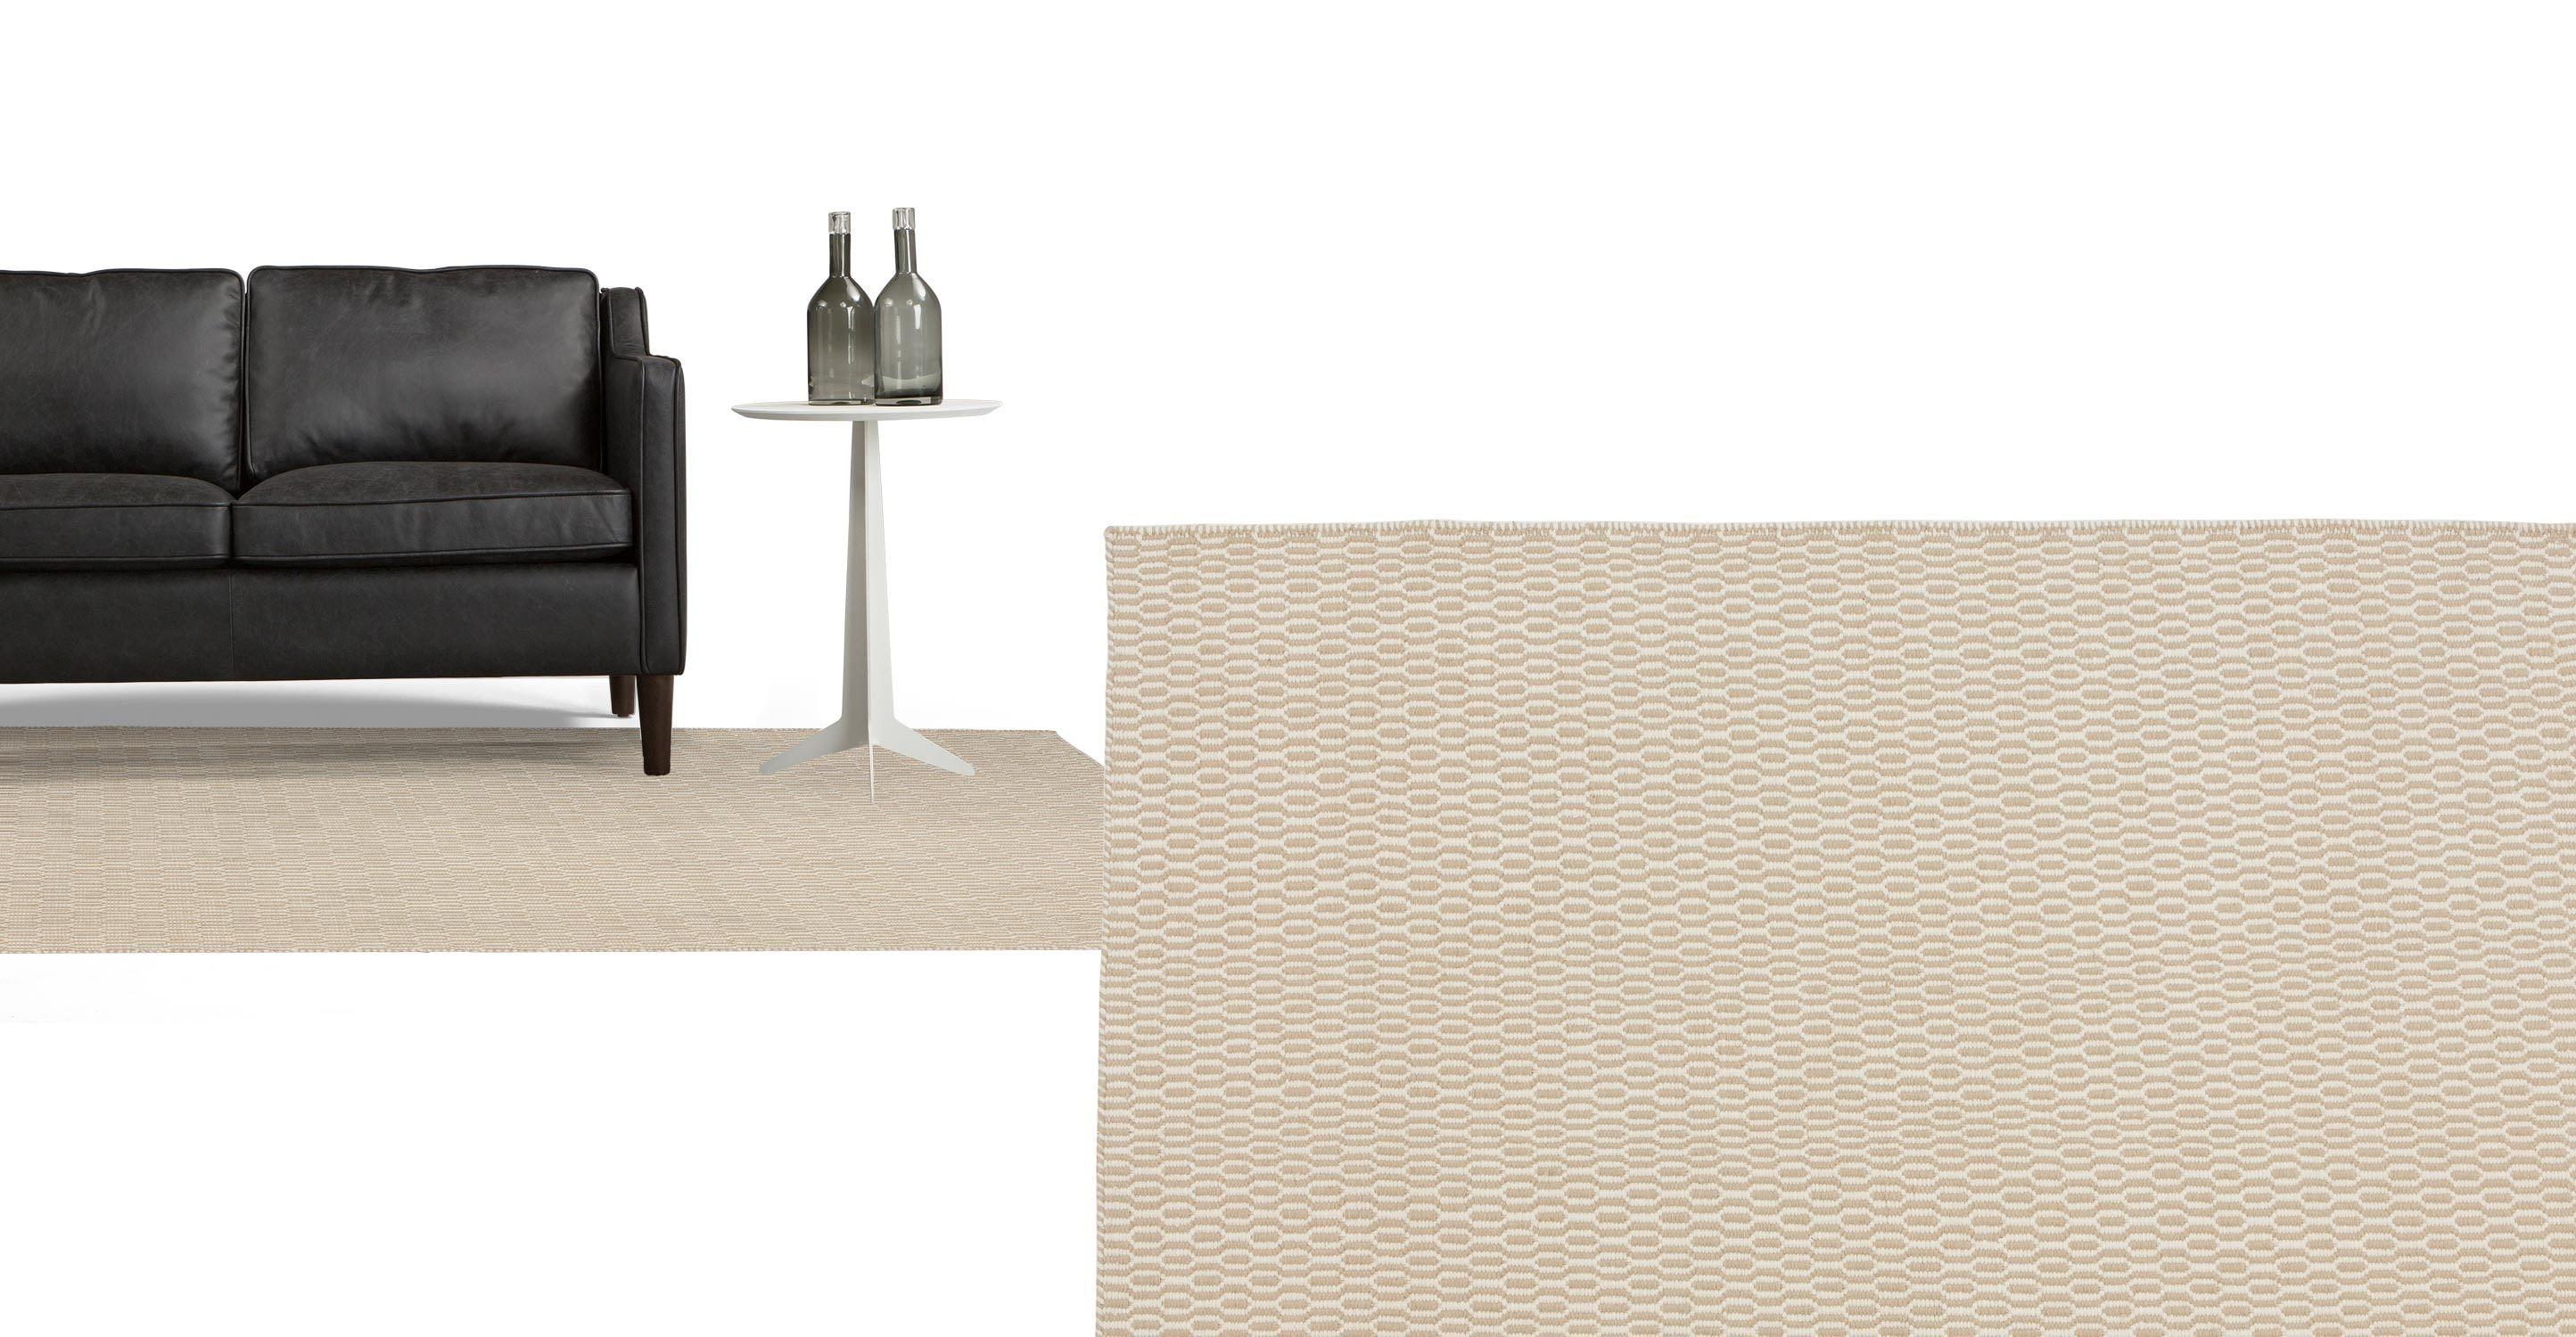 Badezimmerteppich Weiß ~ Beeindruckend u003e teppiche dhurries alma teppich 170 x 240 cm